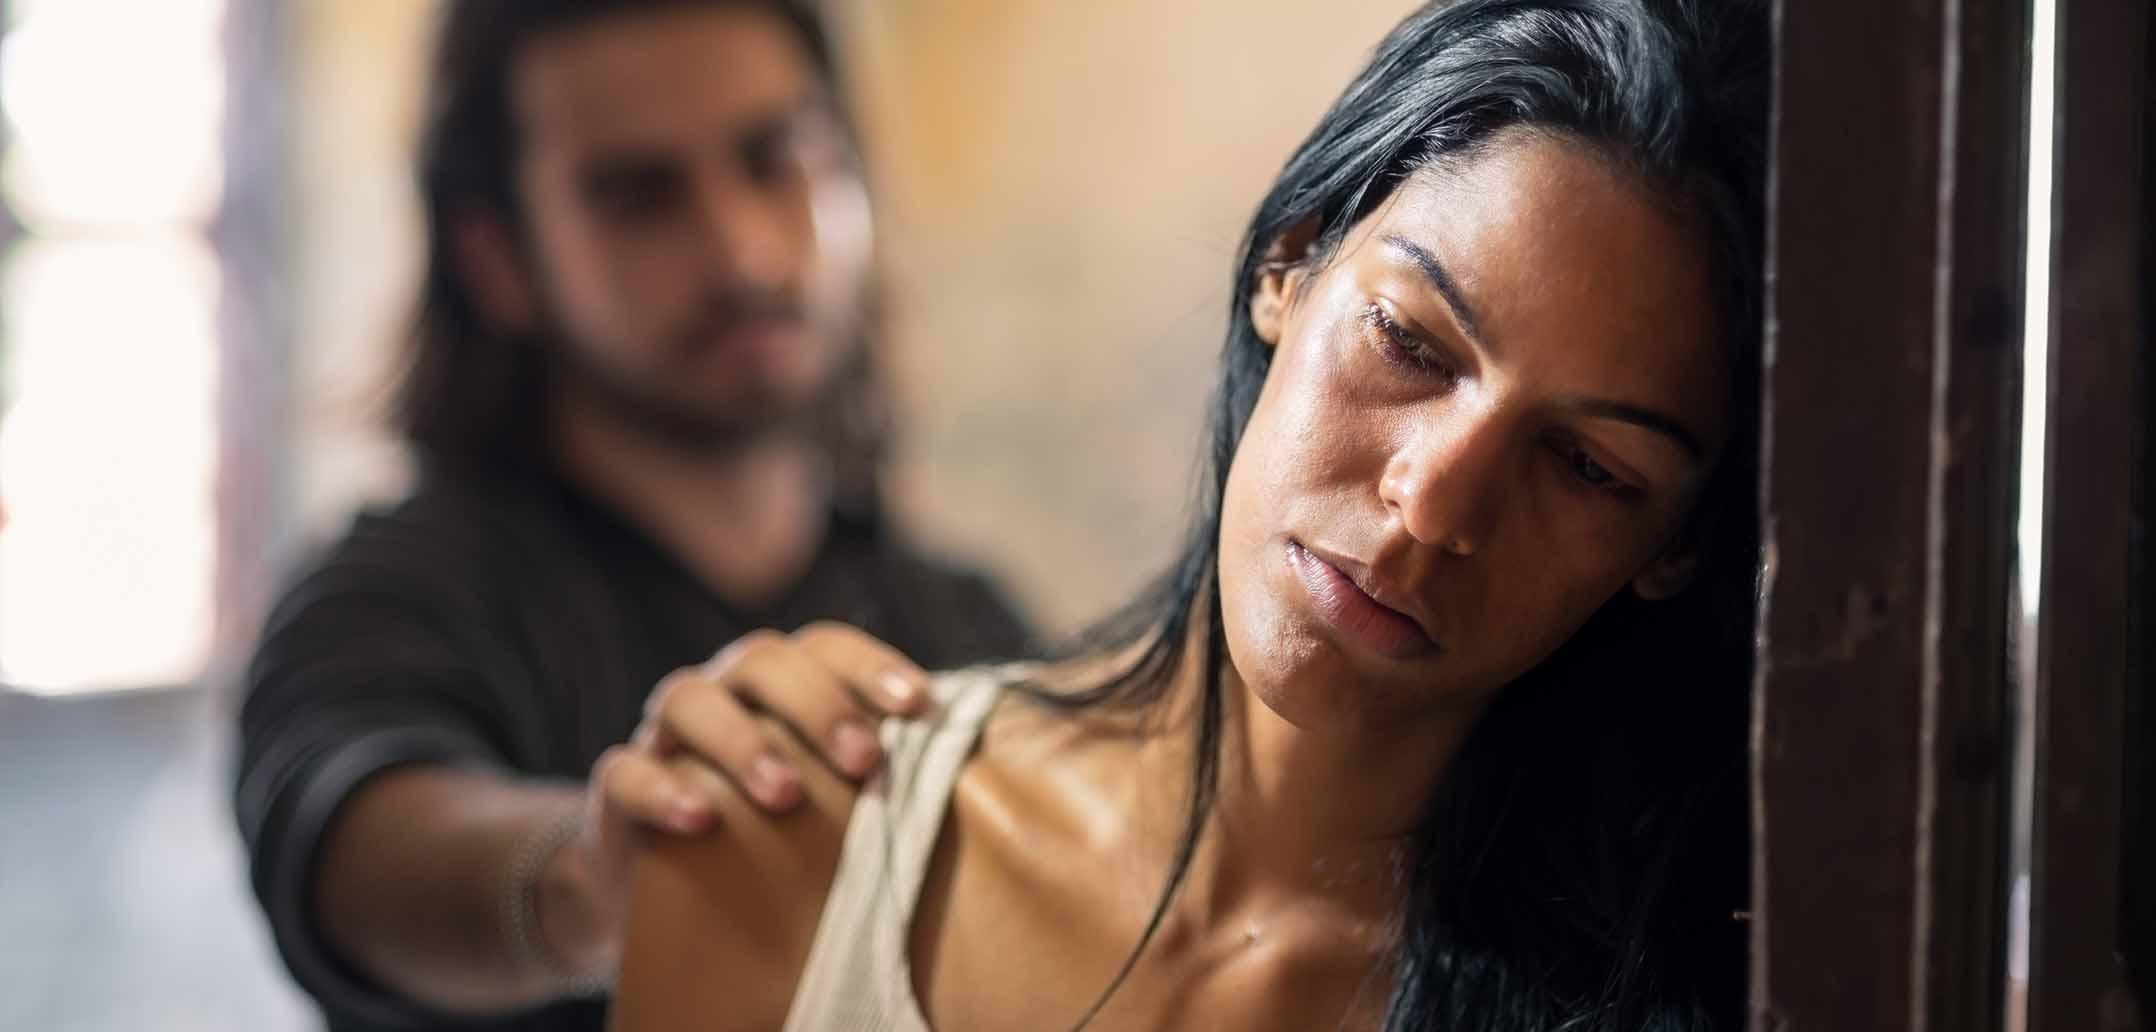 Gewalt in der Beziehung ist öfter ein Problem als gedacht